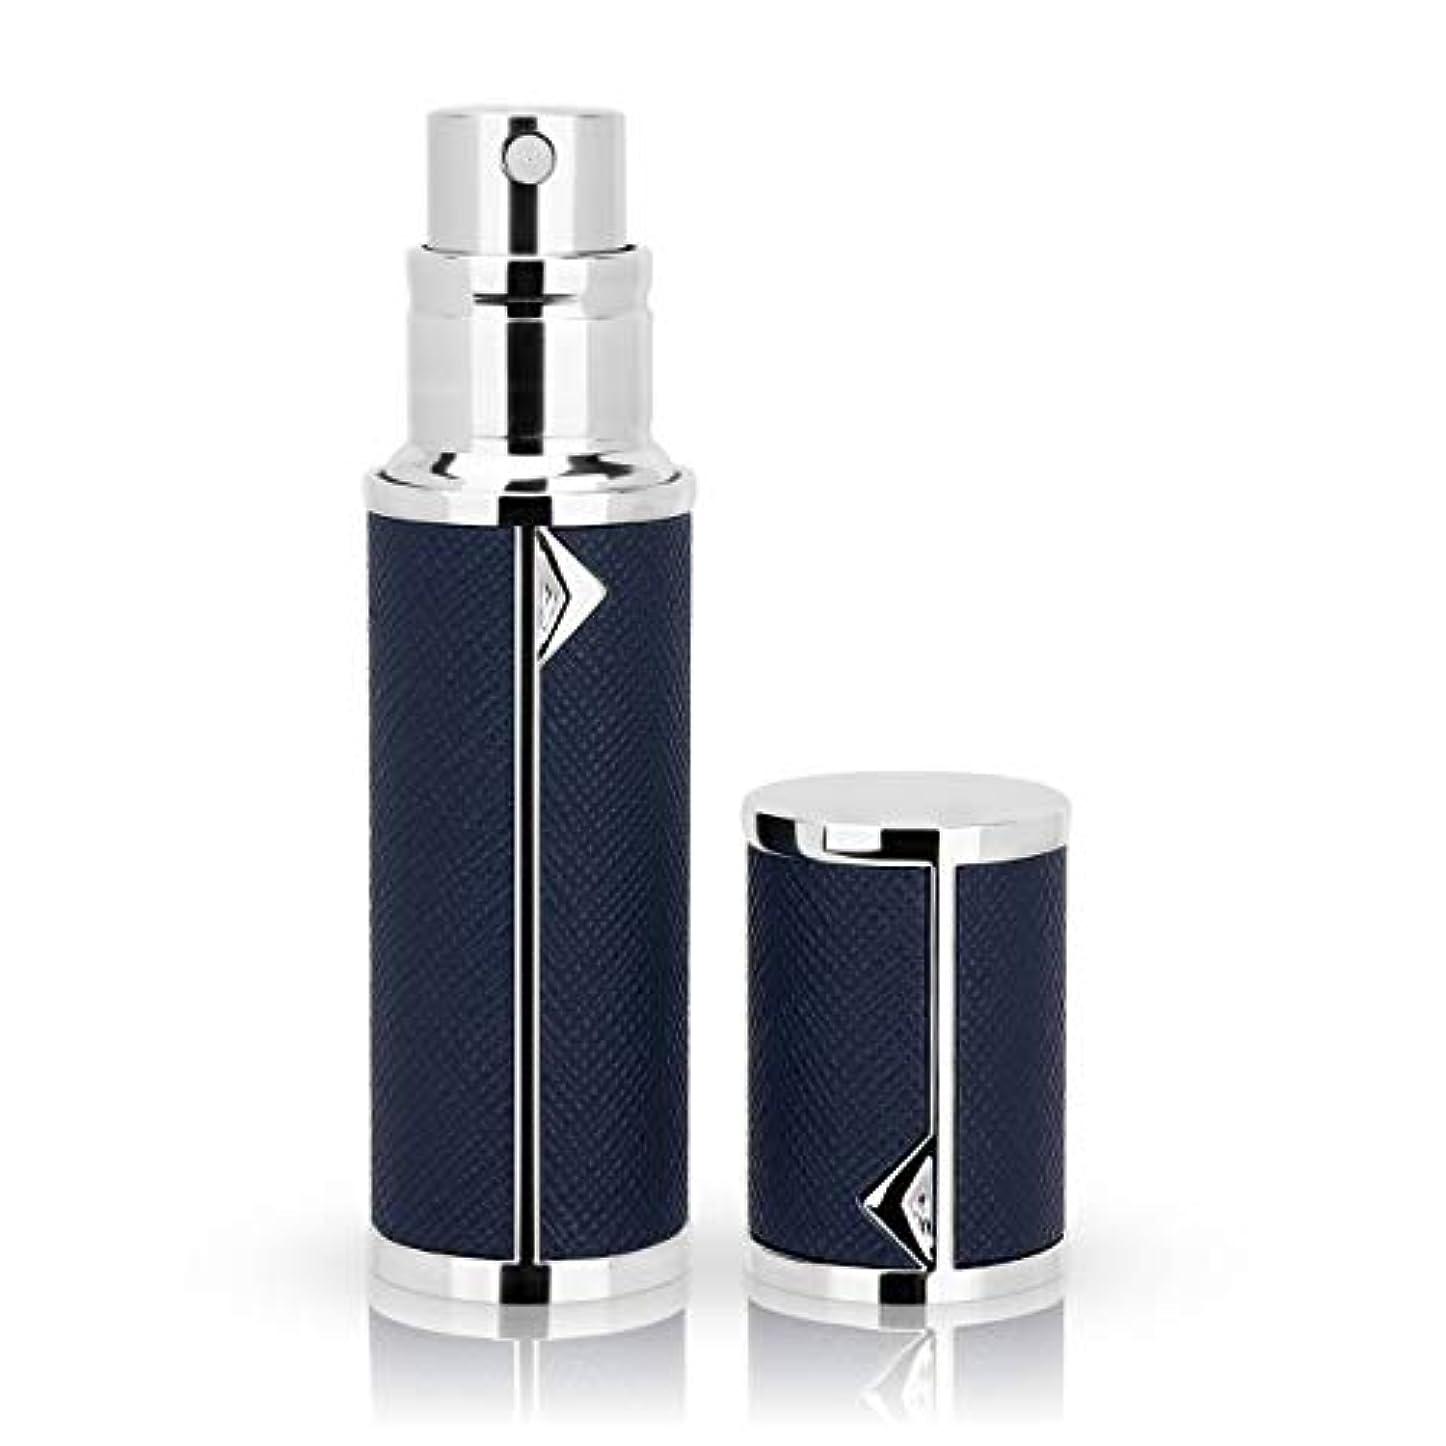 クーポン木製博物館アトマイザー 香水アトマイザー 詰め替え Louischanzl 香水噴霧器 2-2.5mm径 5ml PUレザー レディース メンズ (紺色DarkBlue)